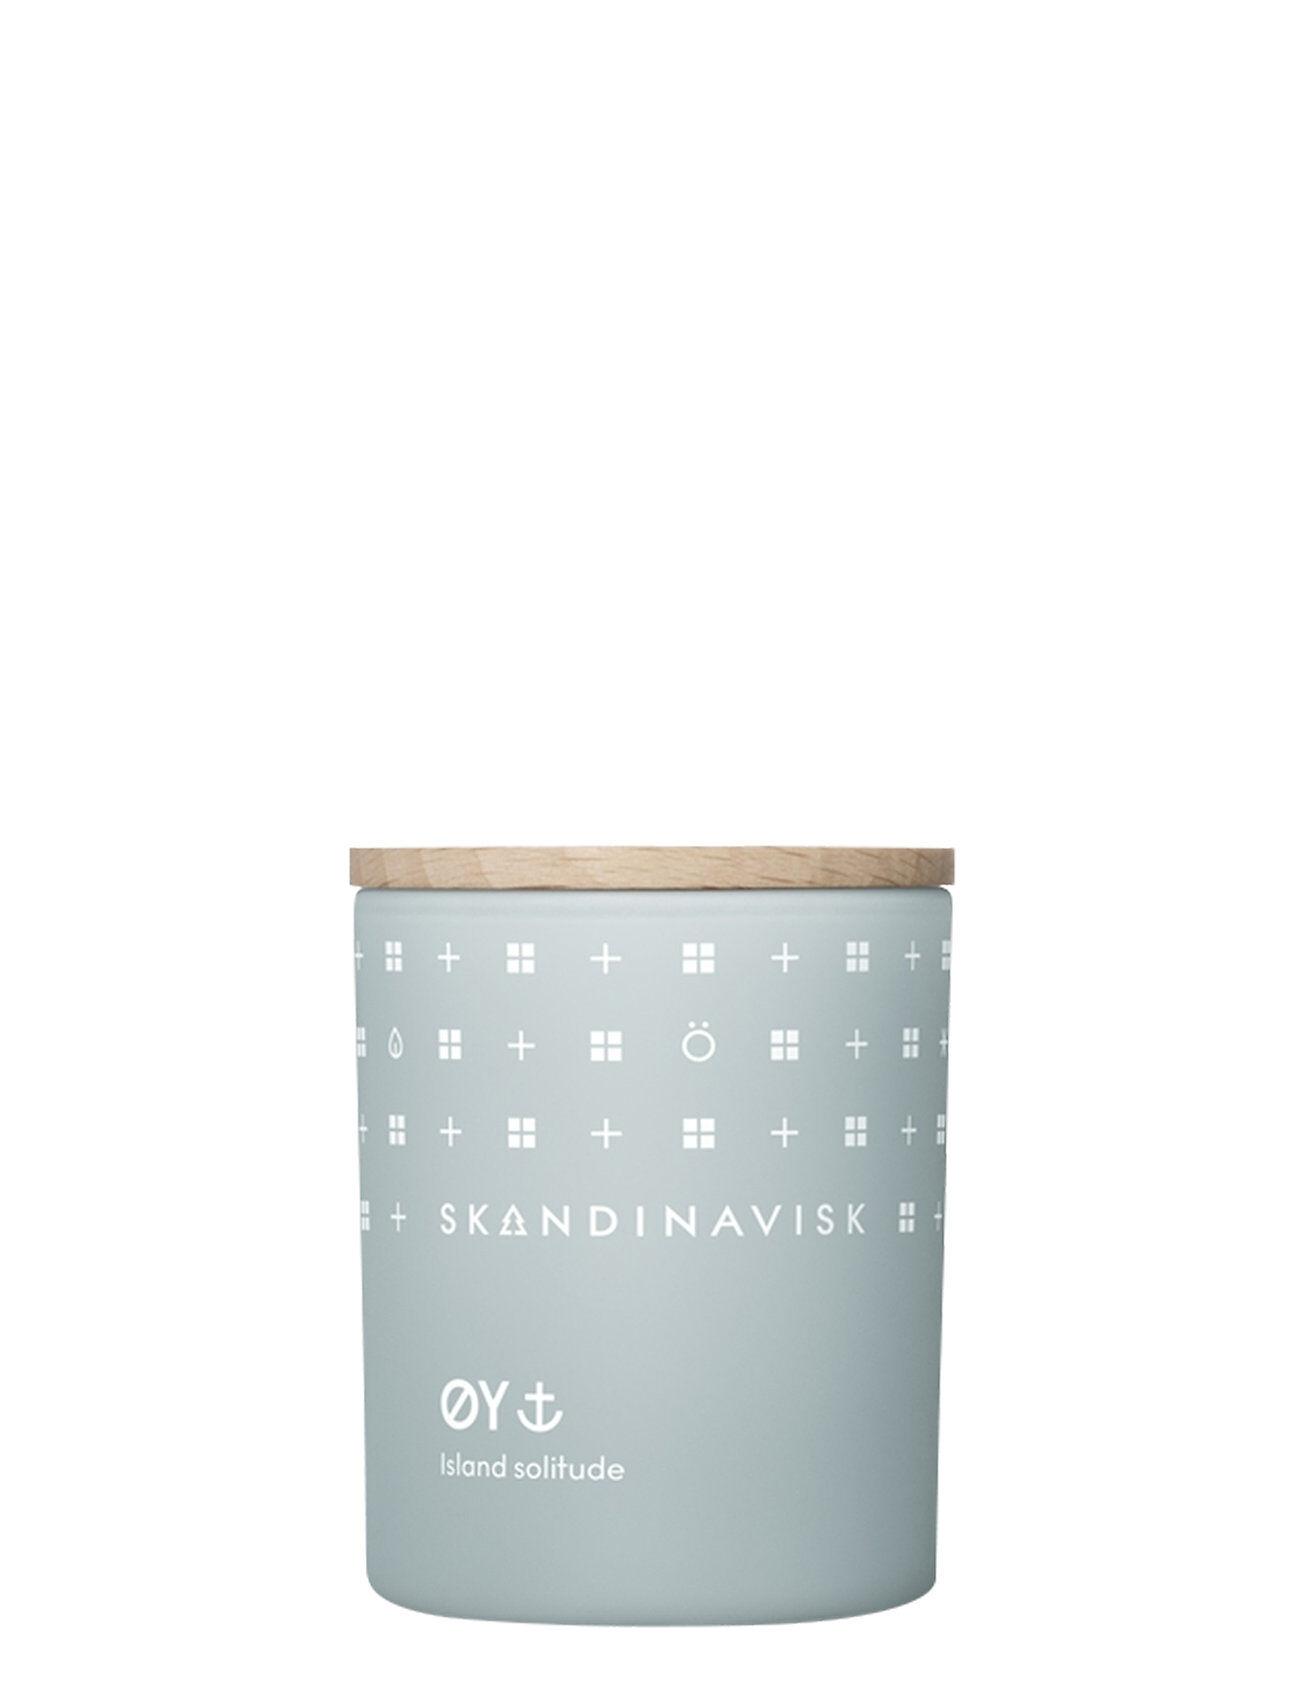 Skandinavisk ØY Scented Candle With Lid 65g Tuoksukynttilä Nude Skandinavisk